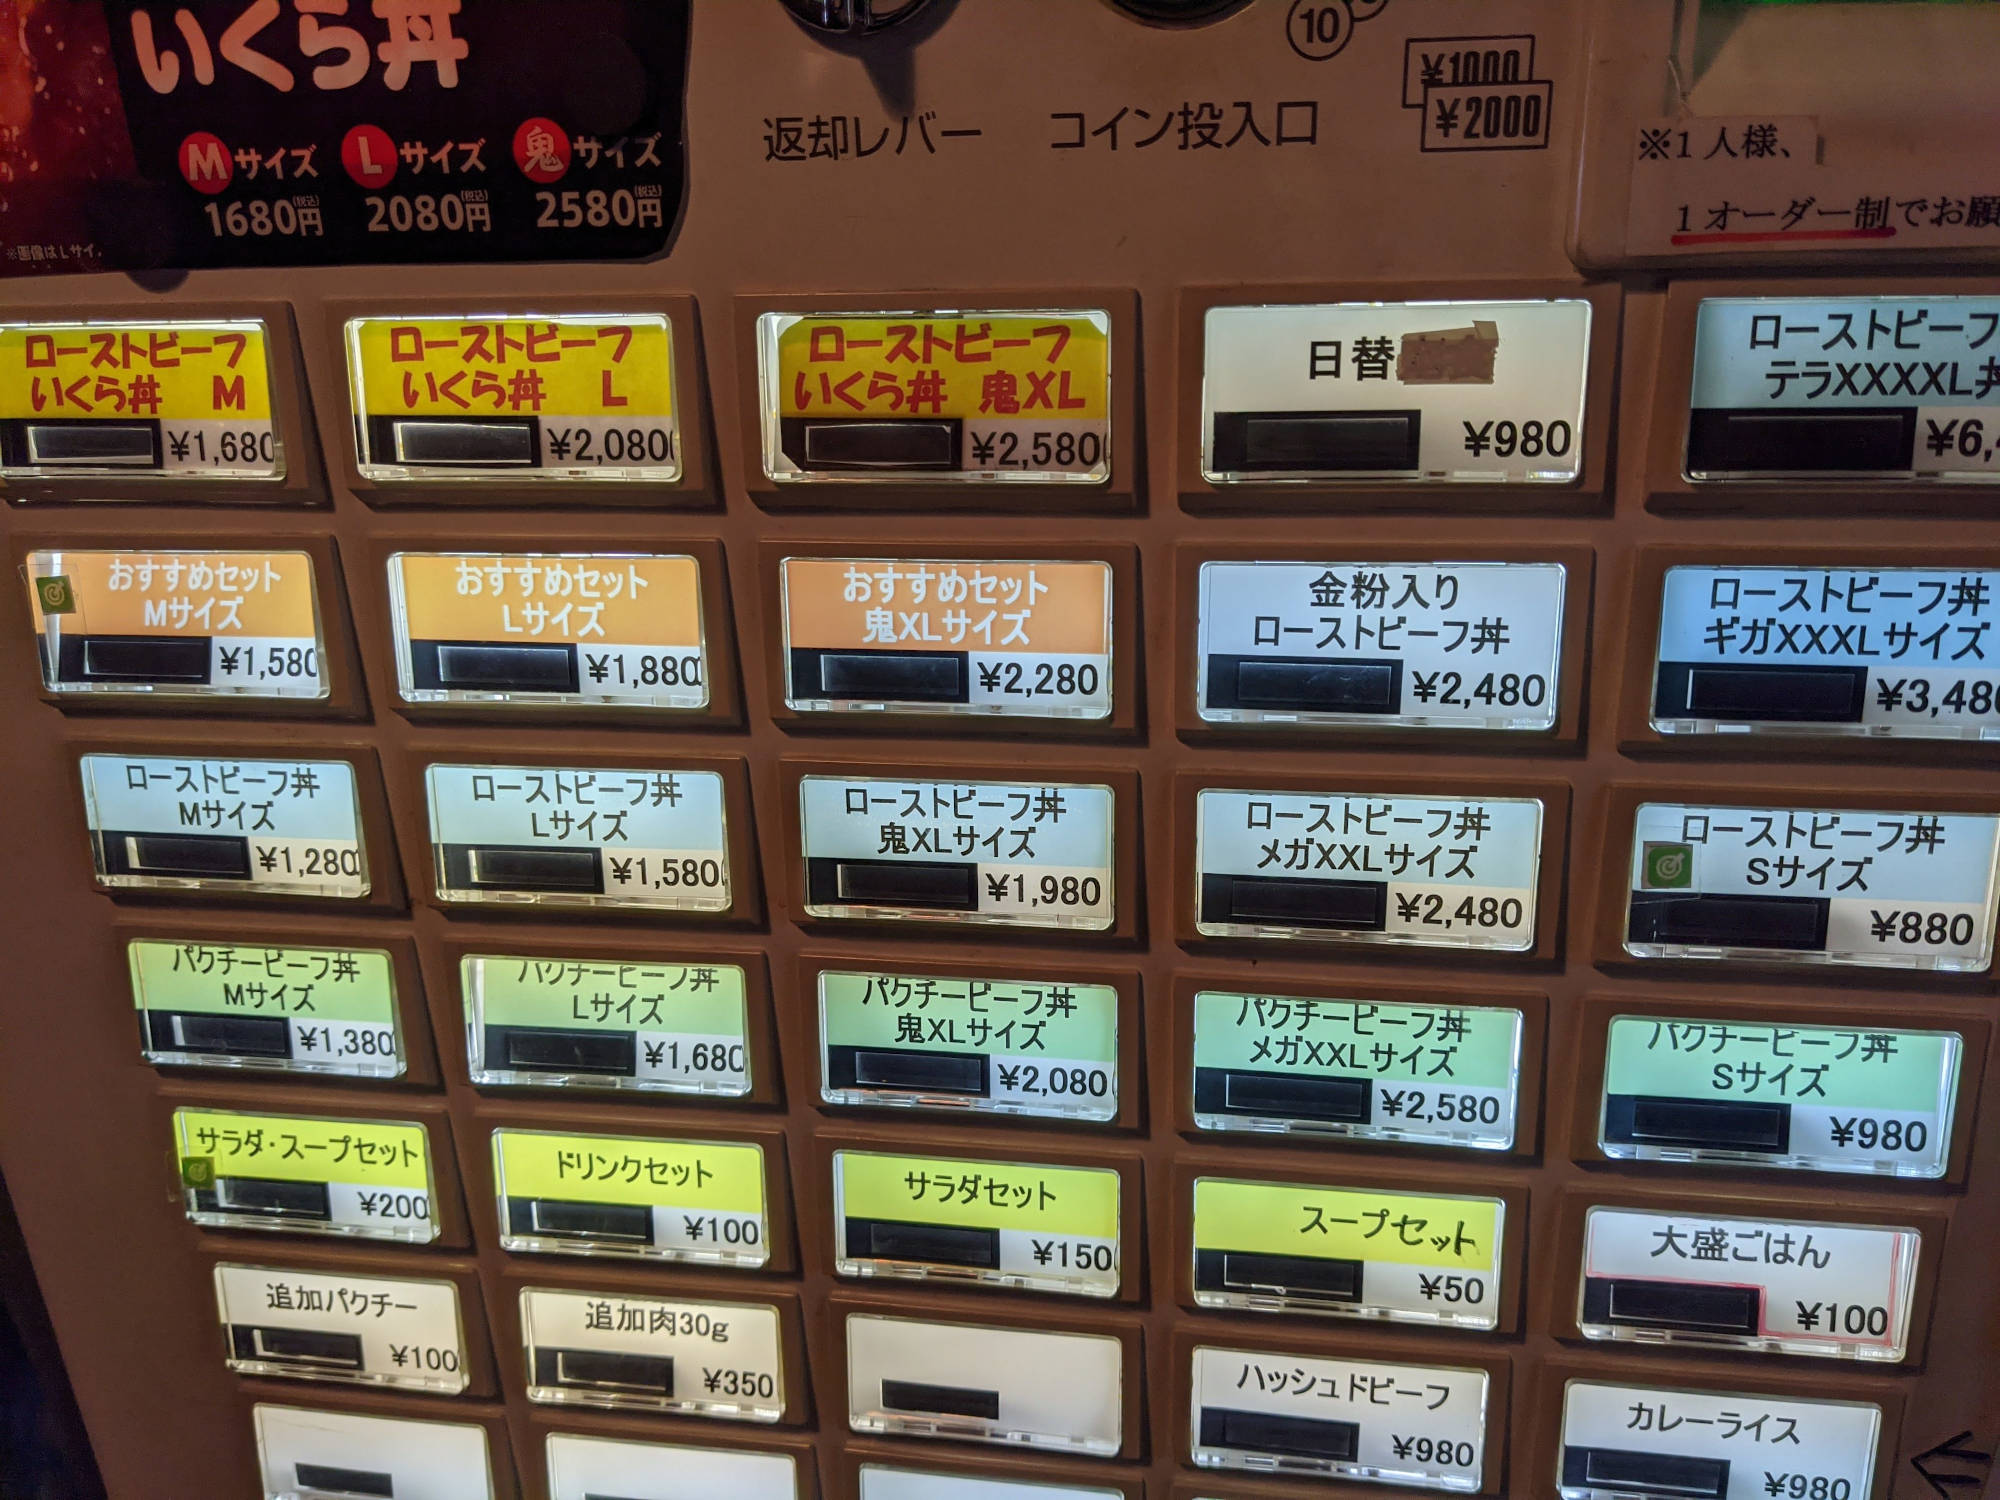 渋谷 鬼ビーフ 券売機